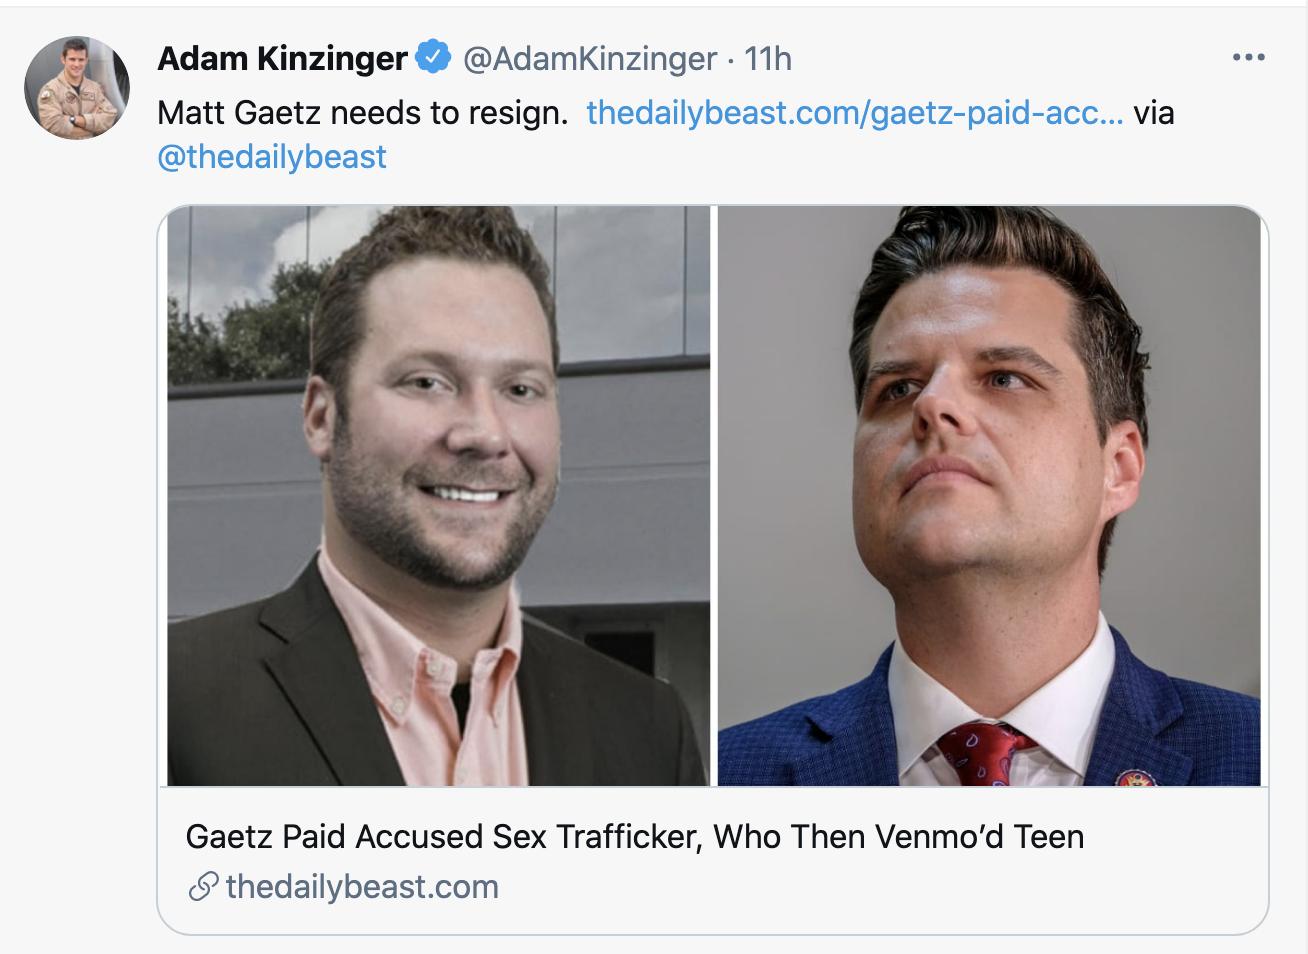 Screen-Shot-2021-04-09-at-8.26.54-AM Republican Defects To Demand Matt Gaetz Resign From Congress Child Abuse Featured Feminism Politics Top Stories